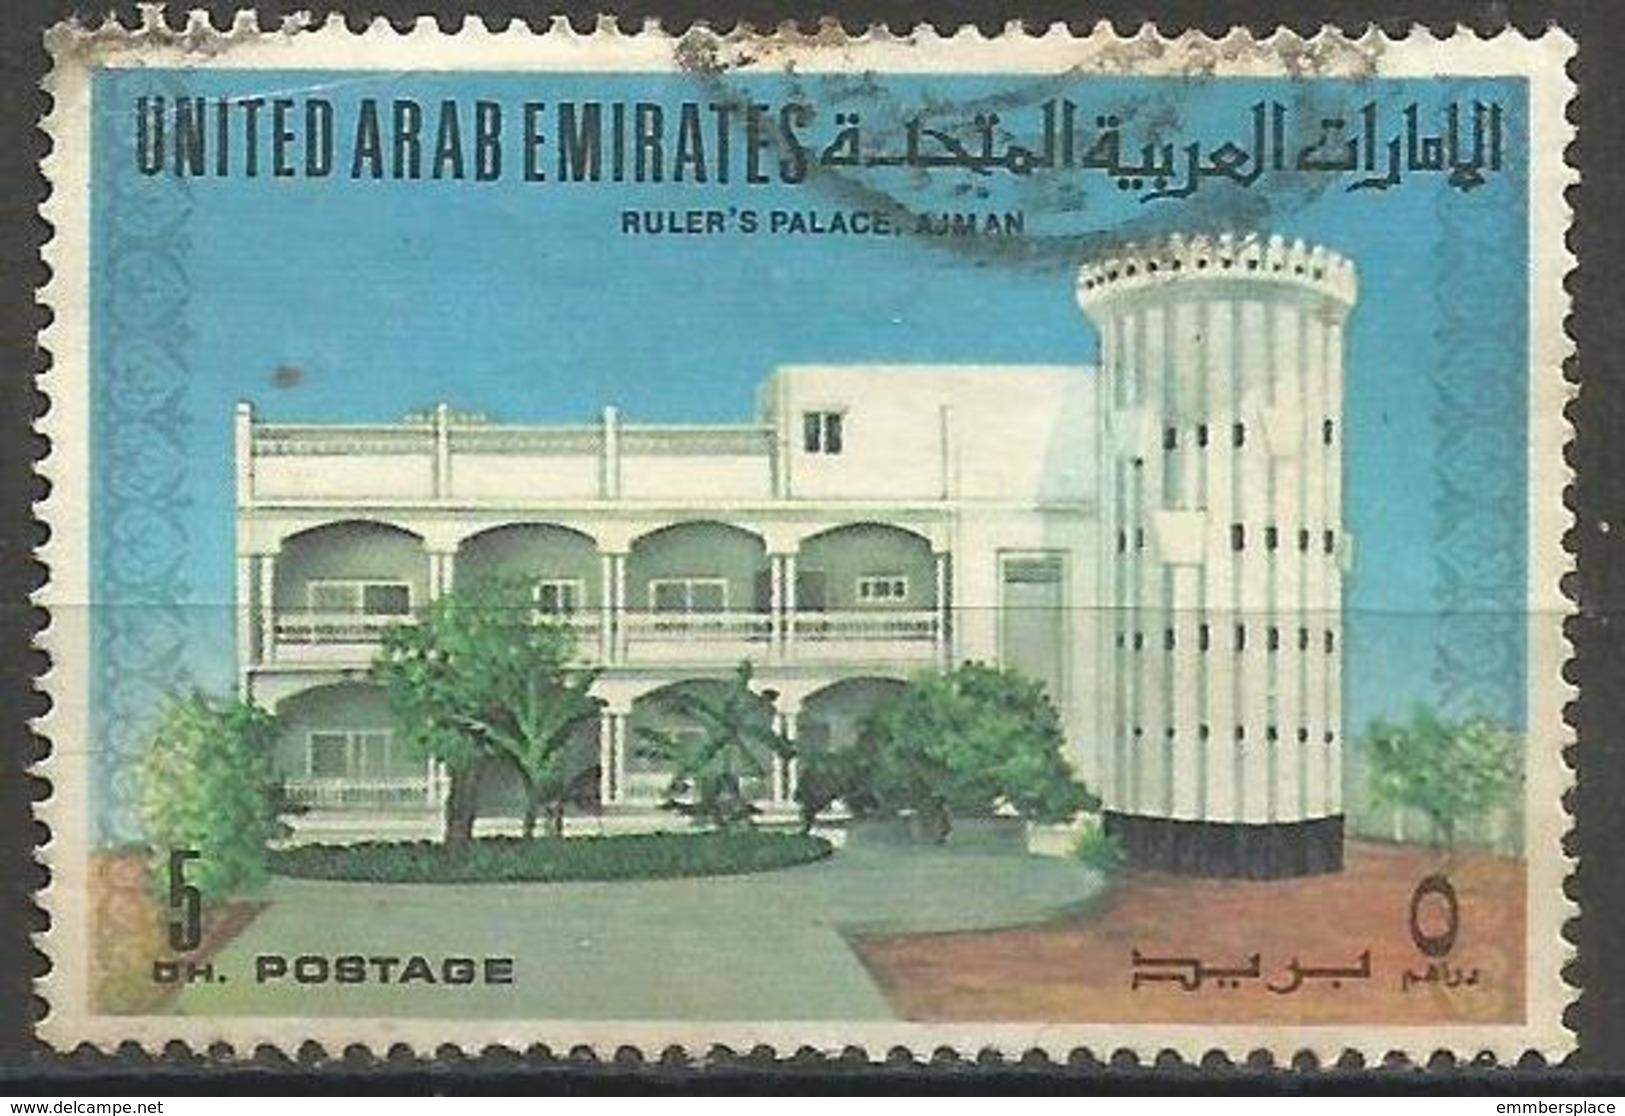 UAE - 1973 Ruler's Palace, Ajman Used  SG 11 - United Arab Emirates